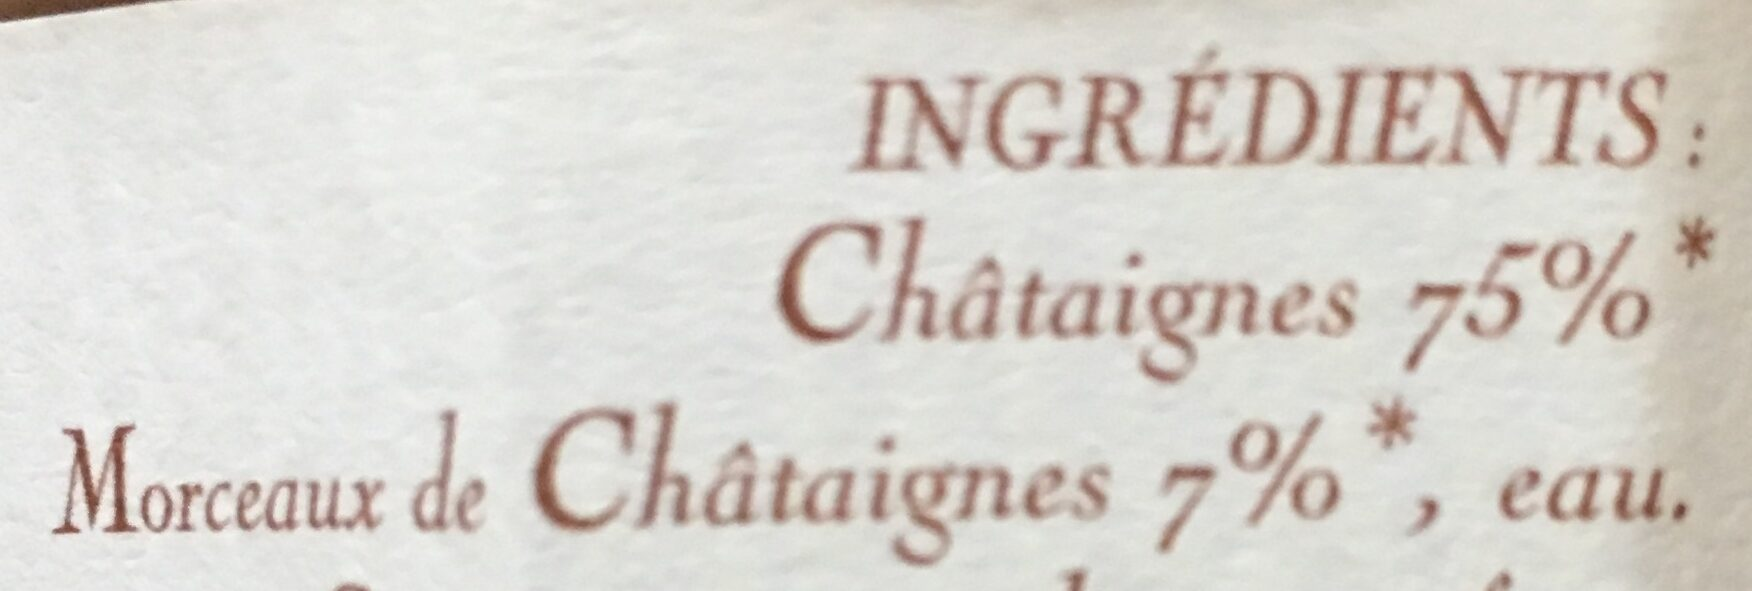 Purée de Châtaignes - Ingrédients - fr